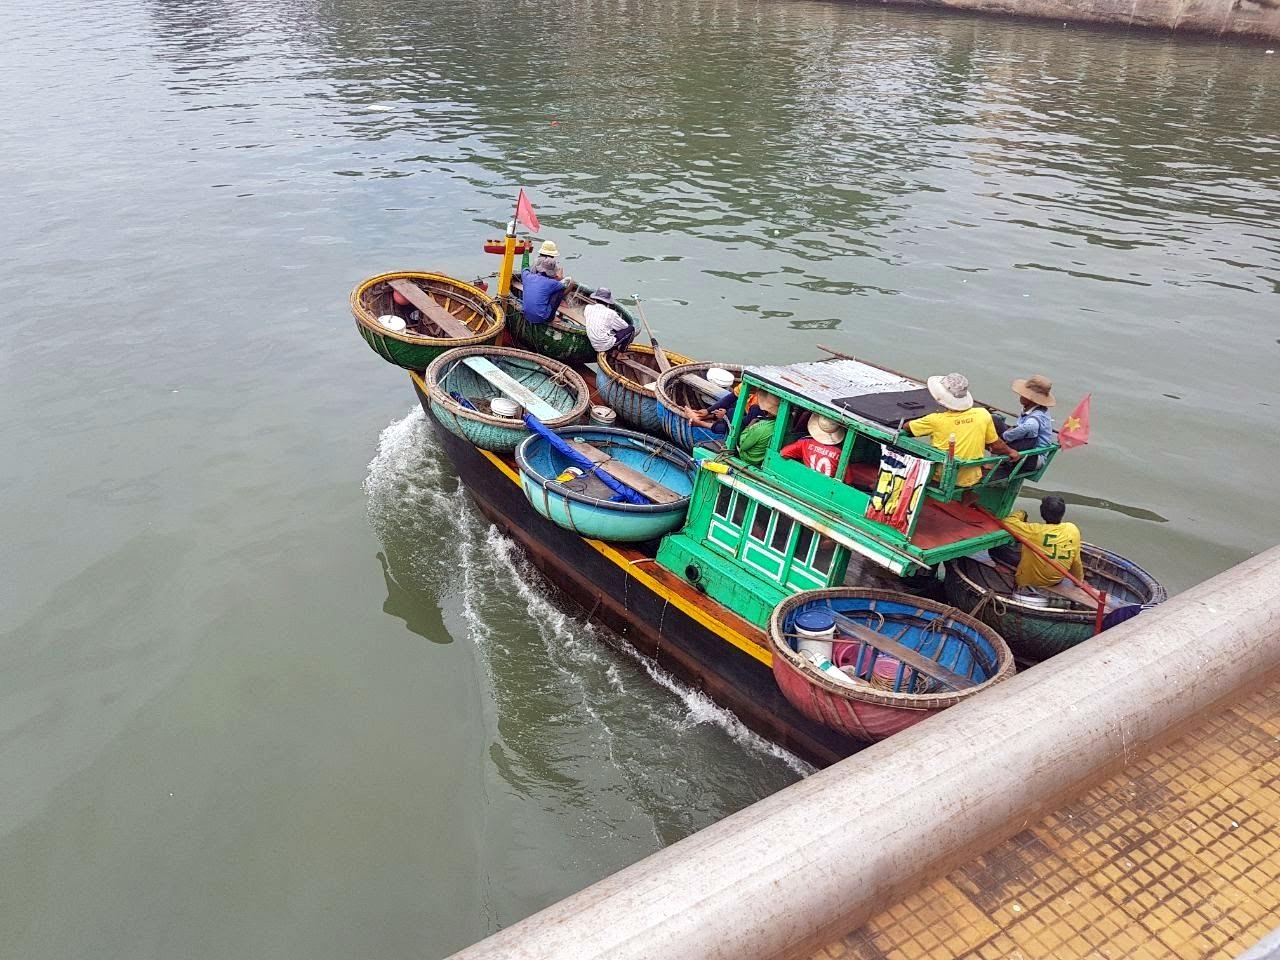 Мы поставили лодки на лодку. А вообще жаль что не поплавали на такой. Прогуливаясь по Фантьету можно много интересно и необычного для нашего человека увидеть. Очень советую, особенно тем кто любит совать свой нос.